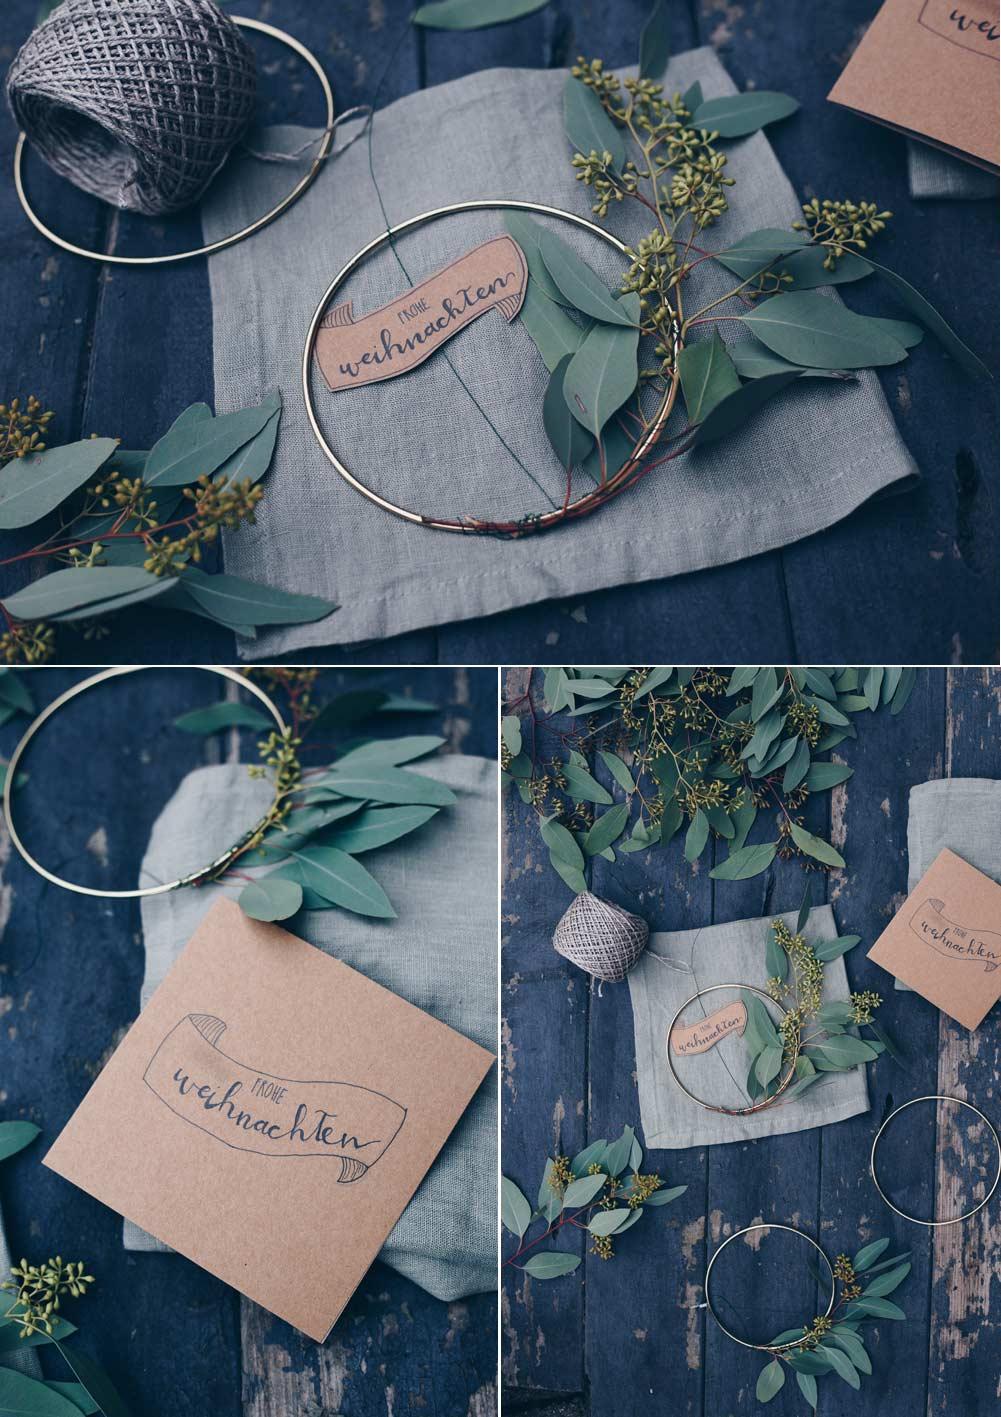 DIY Geschenkidee für die beste Freundin - Winterkranz mit Eukalyptus selbermachen - mit Weihnachtshandlettering